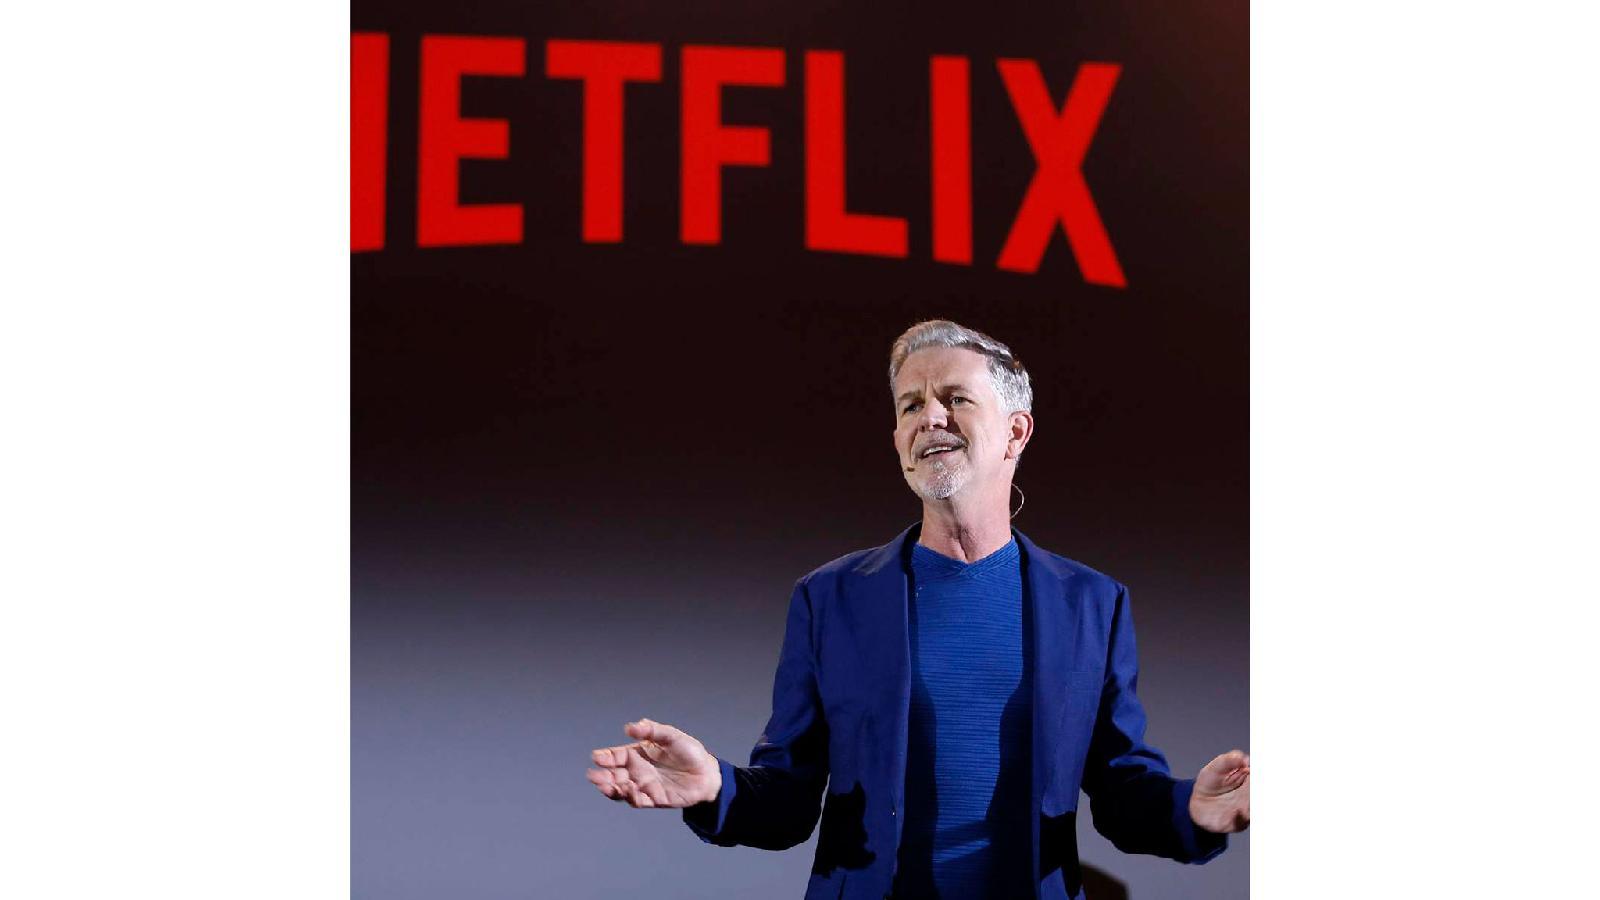 Рид Хастингс, глава Netflix, сказал, что их главный конкурент — не кинотеатры или стриминги, а сон